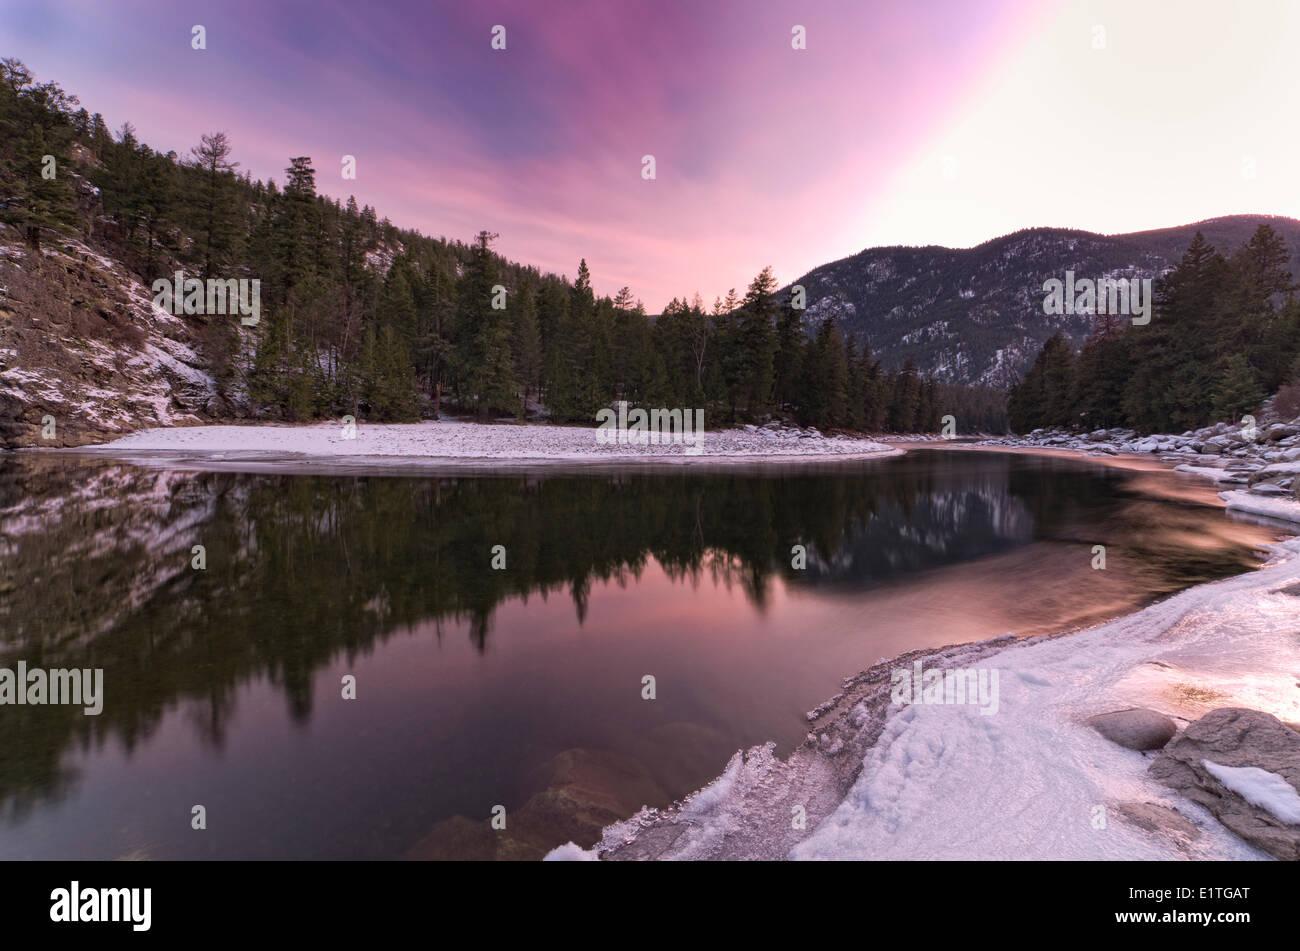 Sunset at Bromley Rock Provincial Park, Okanagan Valley, British Columbia. - Stock Image